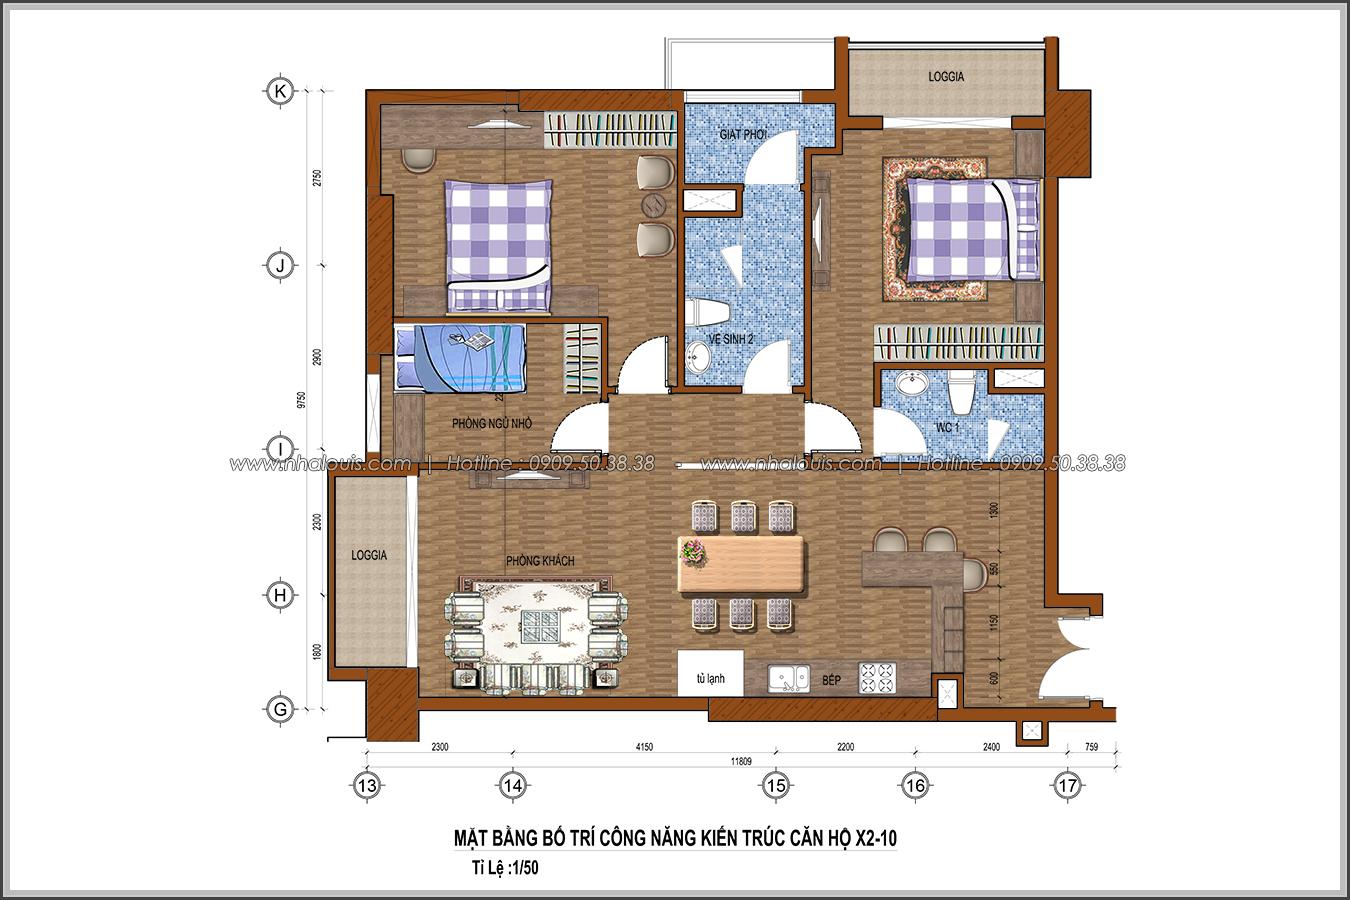 Ngắm nhìn thiết kế nội thất căn hộ Sunrise City đẹp sang trọng và tinh tế - 15